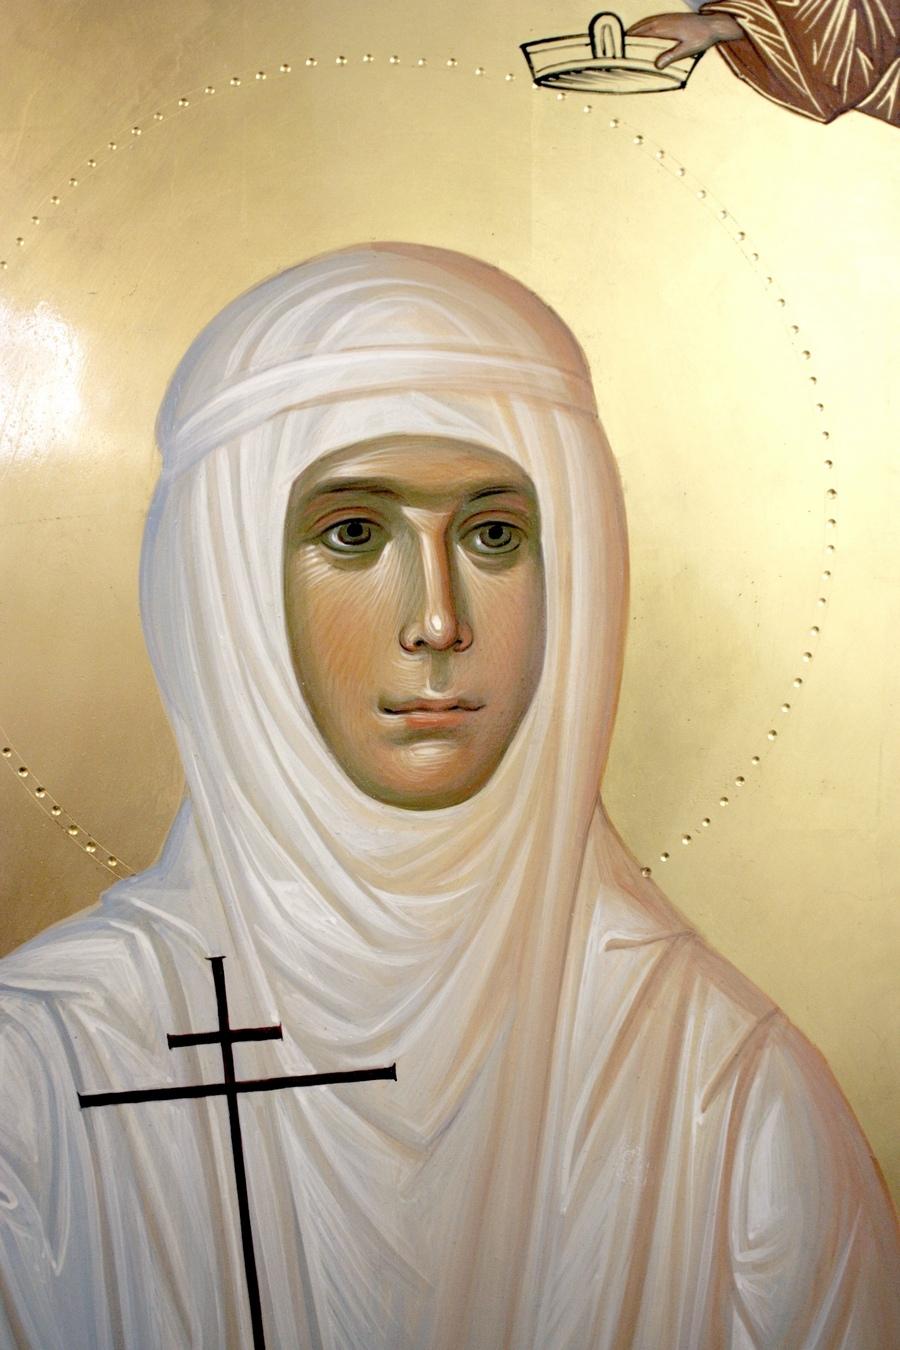 Святая Преподобномученица инокиня Варвара. Иконописец Наталия Пискунова.